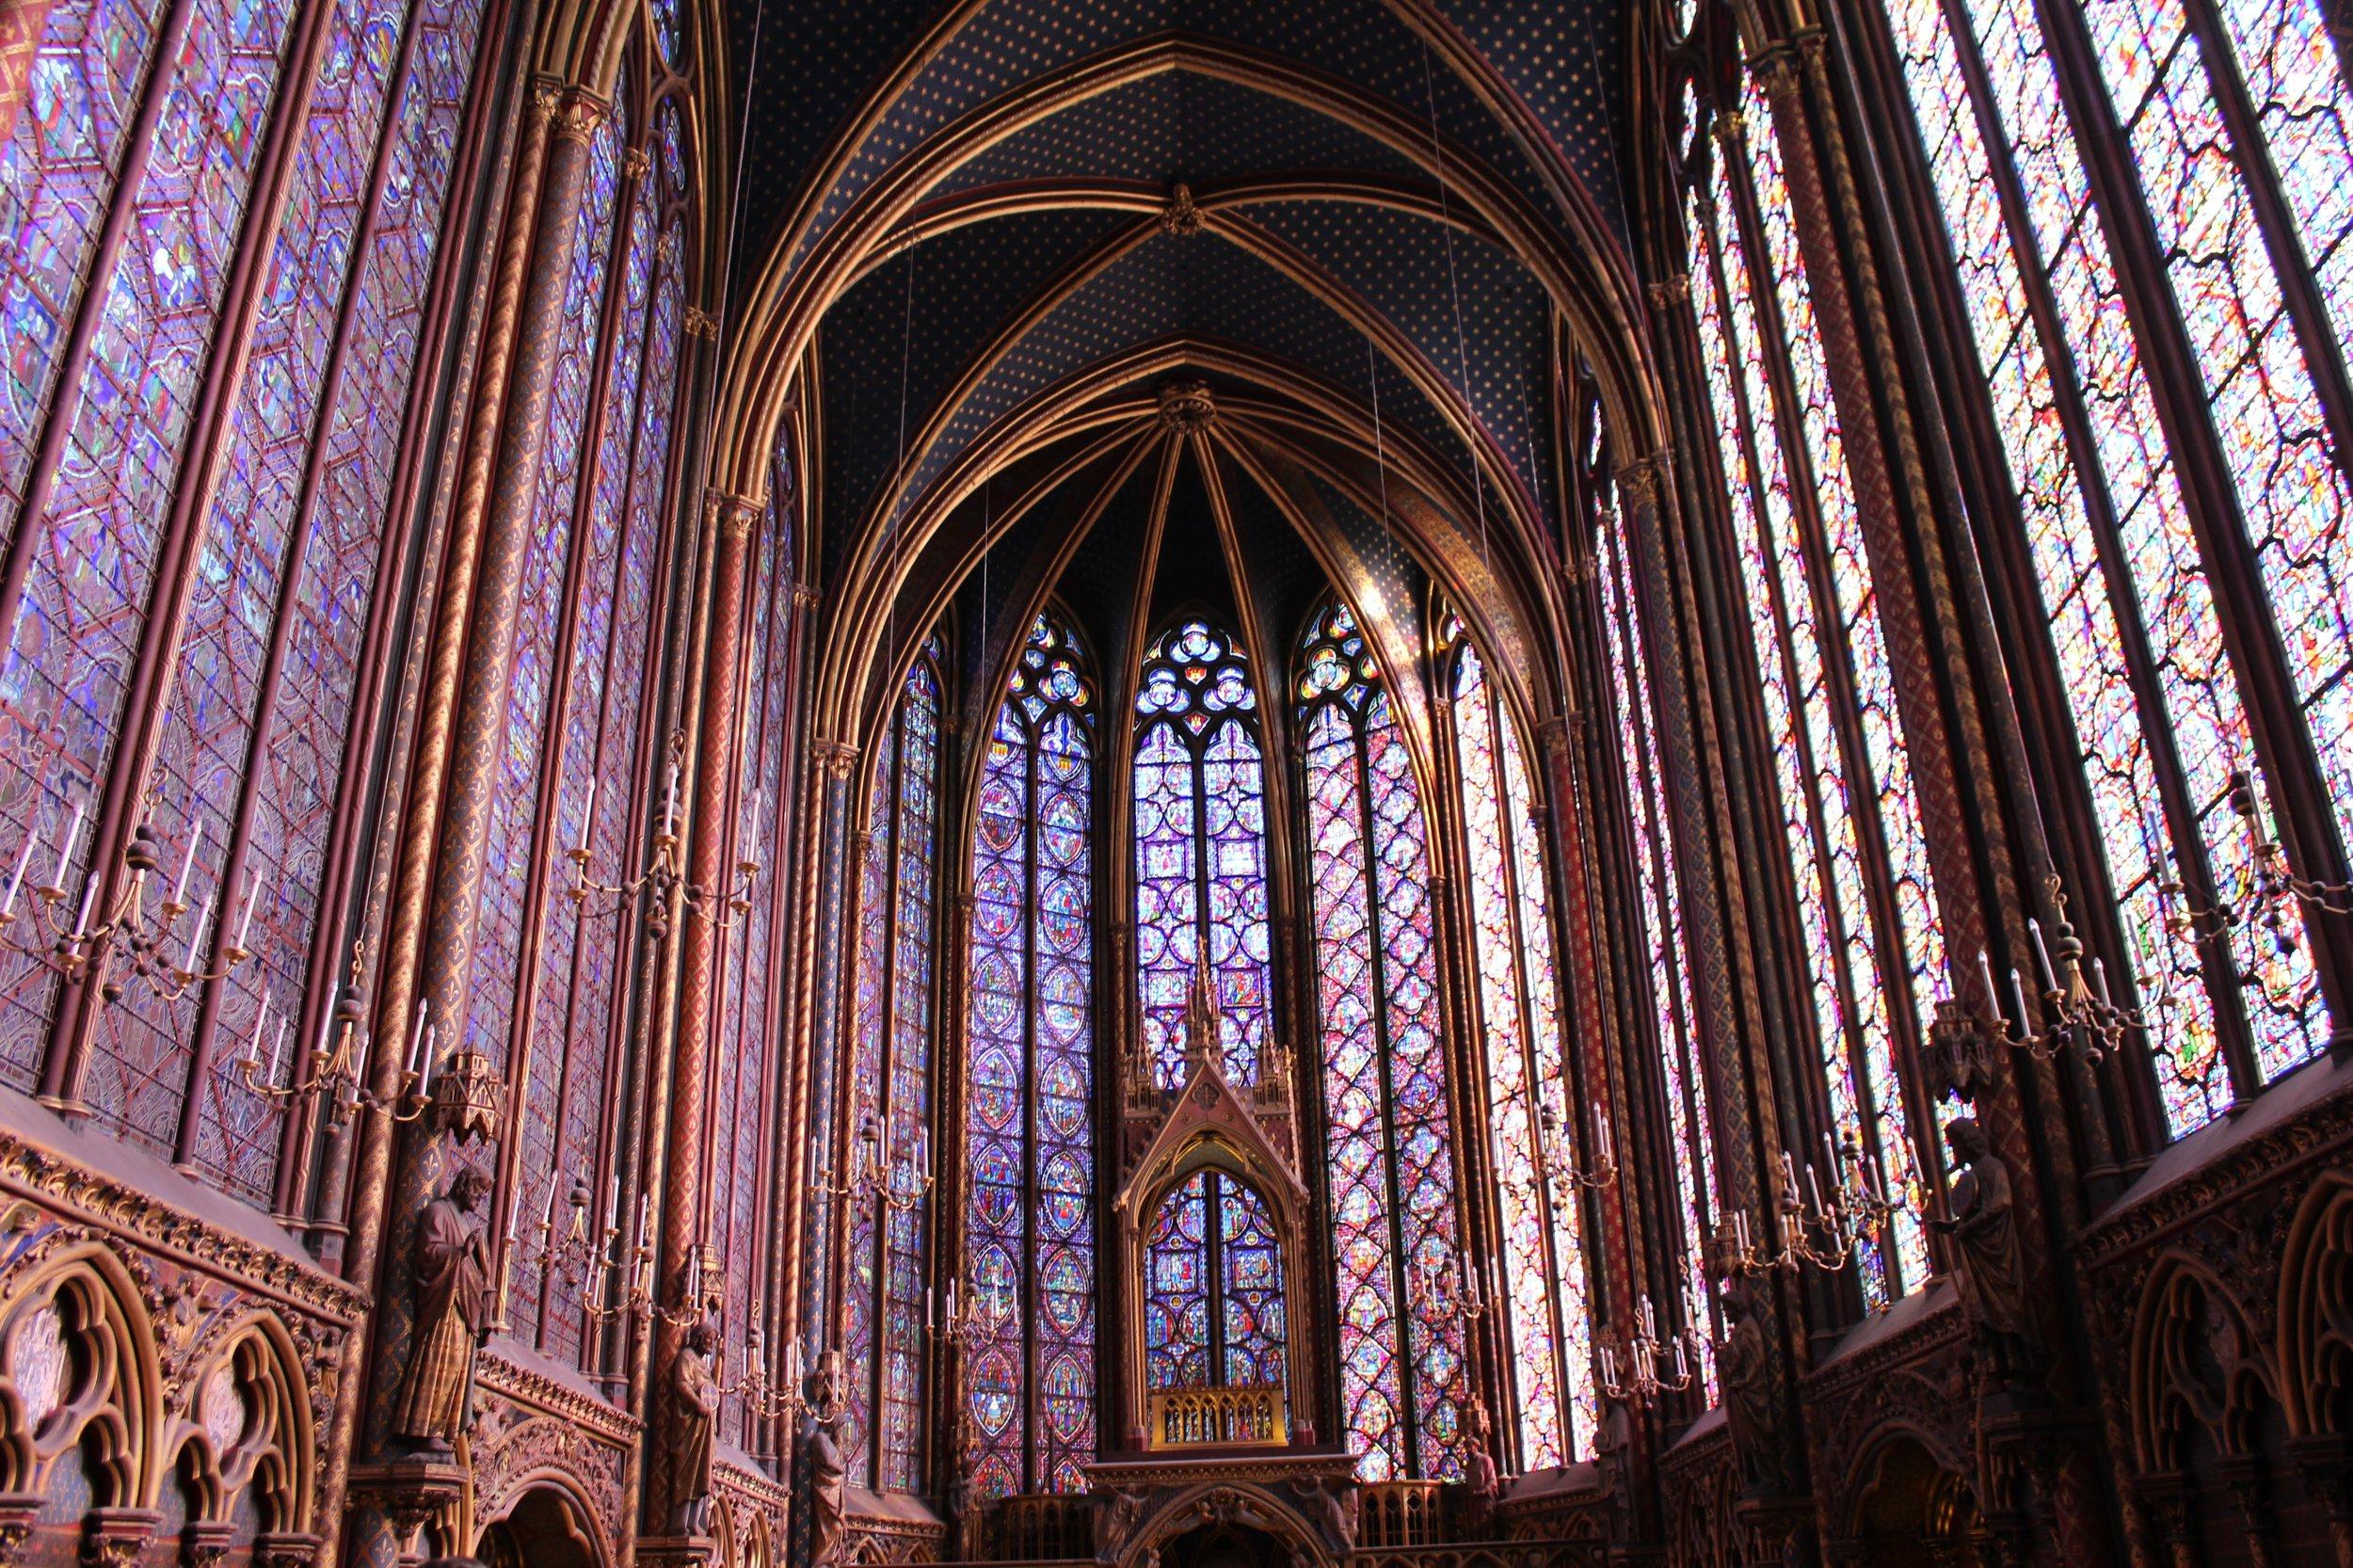 Sainte Chapelle, Paris (Photo: J. Gress)